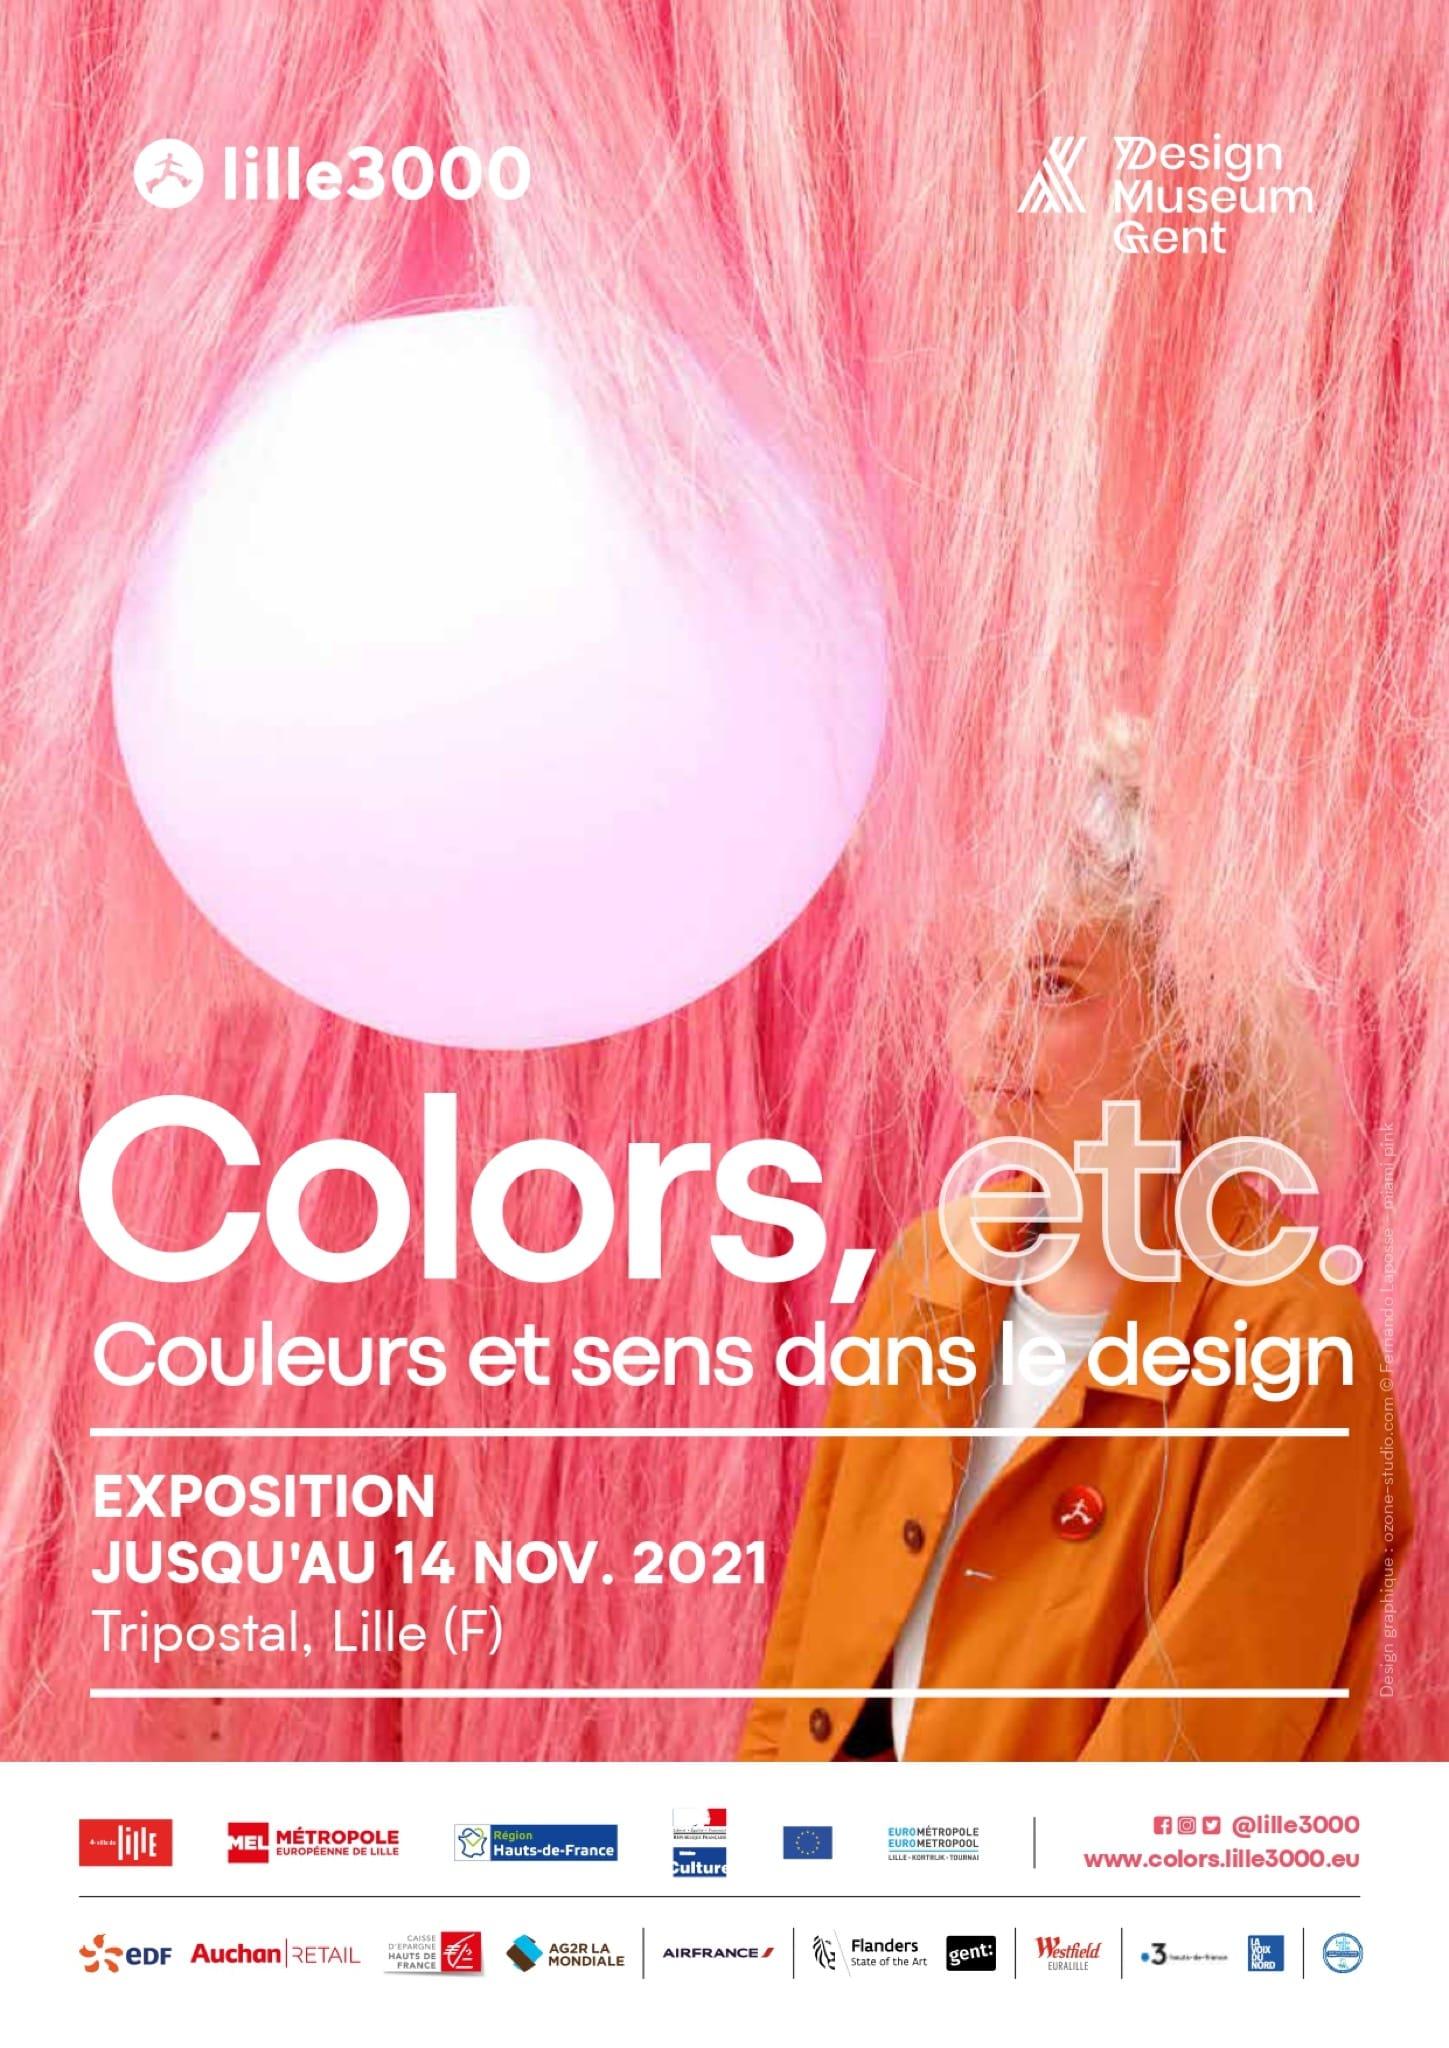 Exposition Colors, etc. affiche Tripostal de Lille